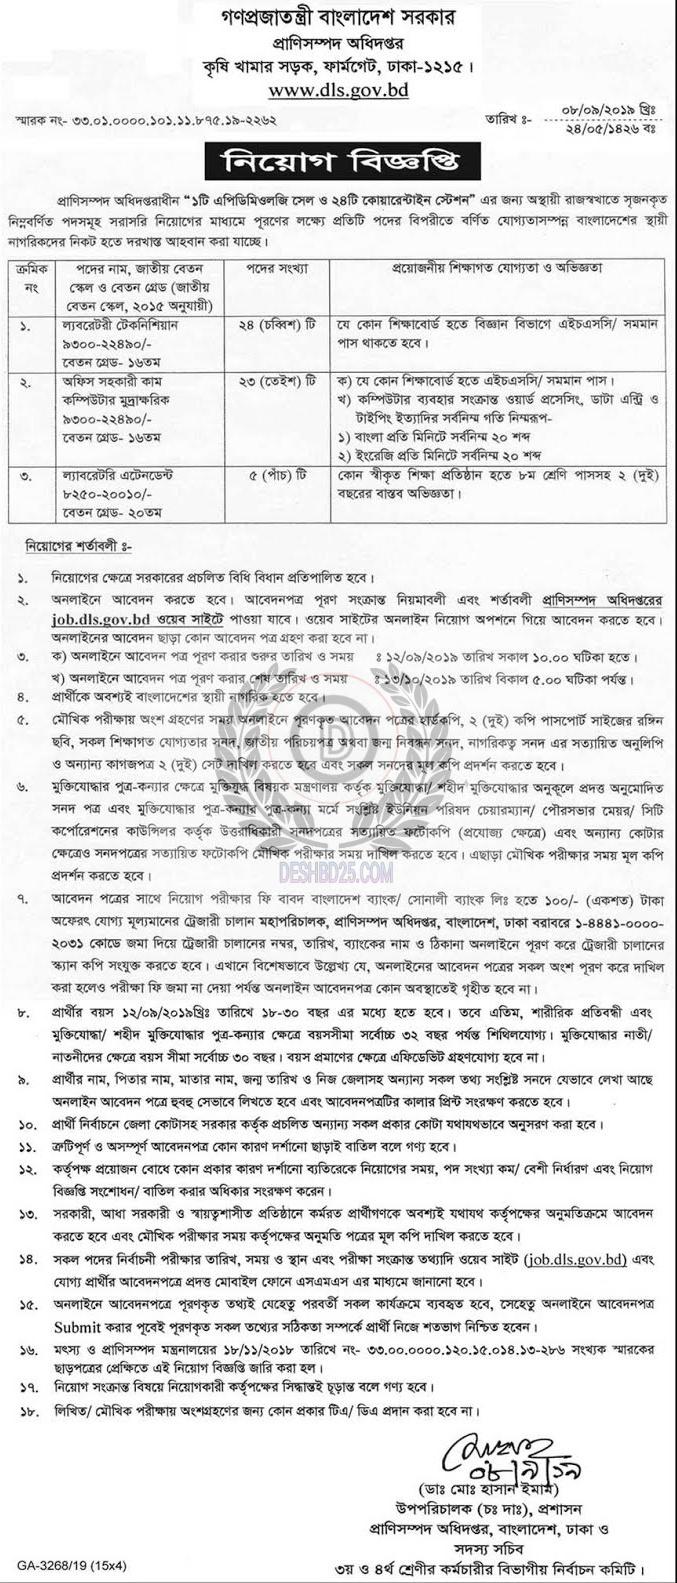 DLS Job circular 2019